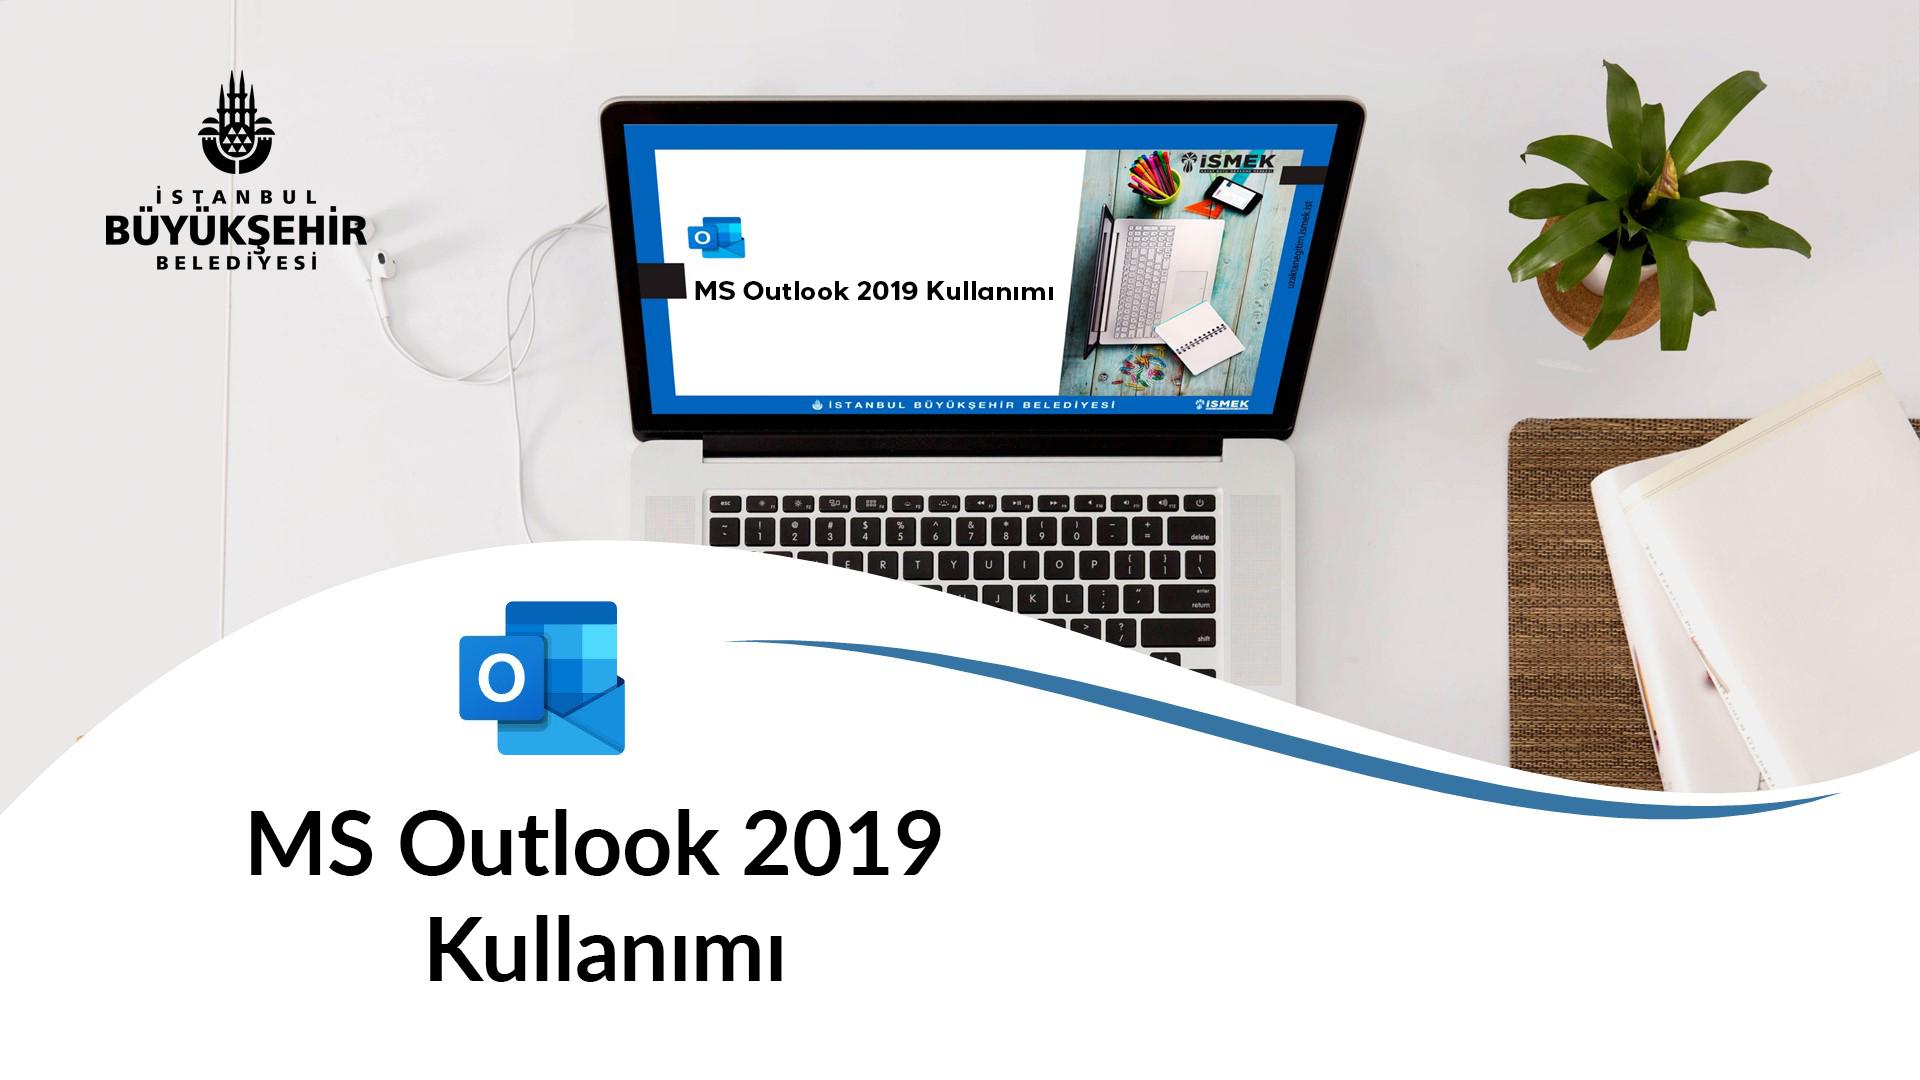 MS Outlook 2019 Kullanımı Kayıtları Başladı